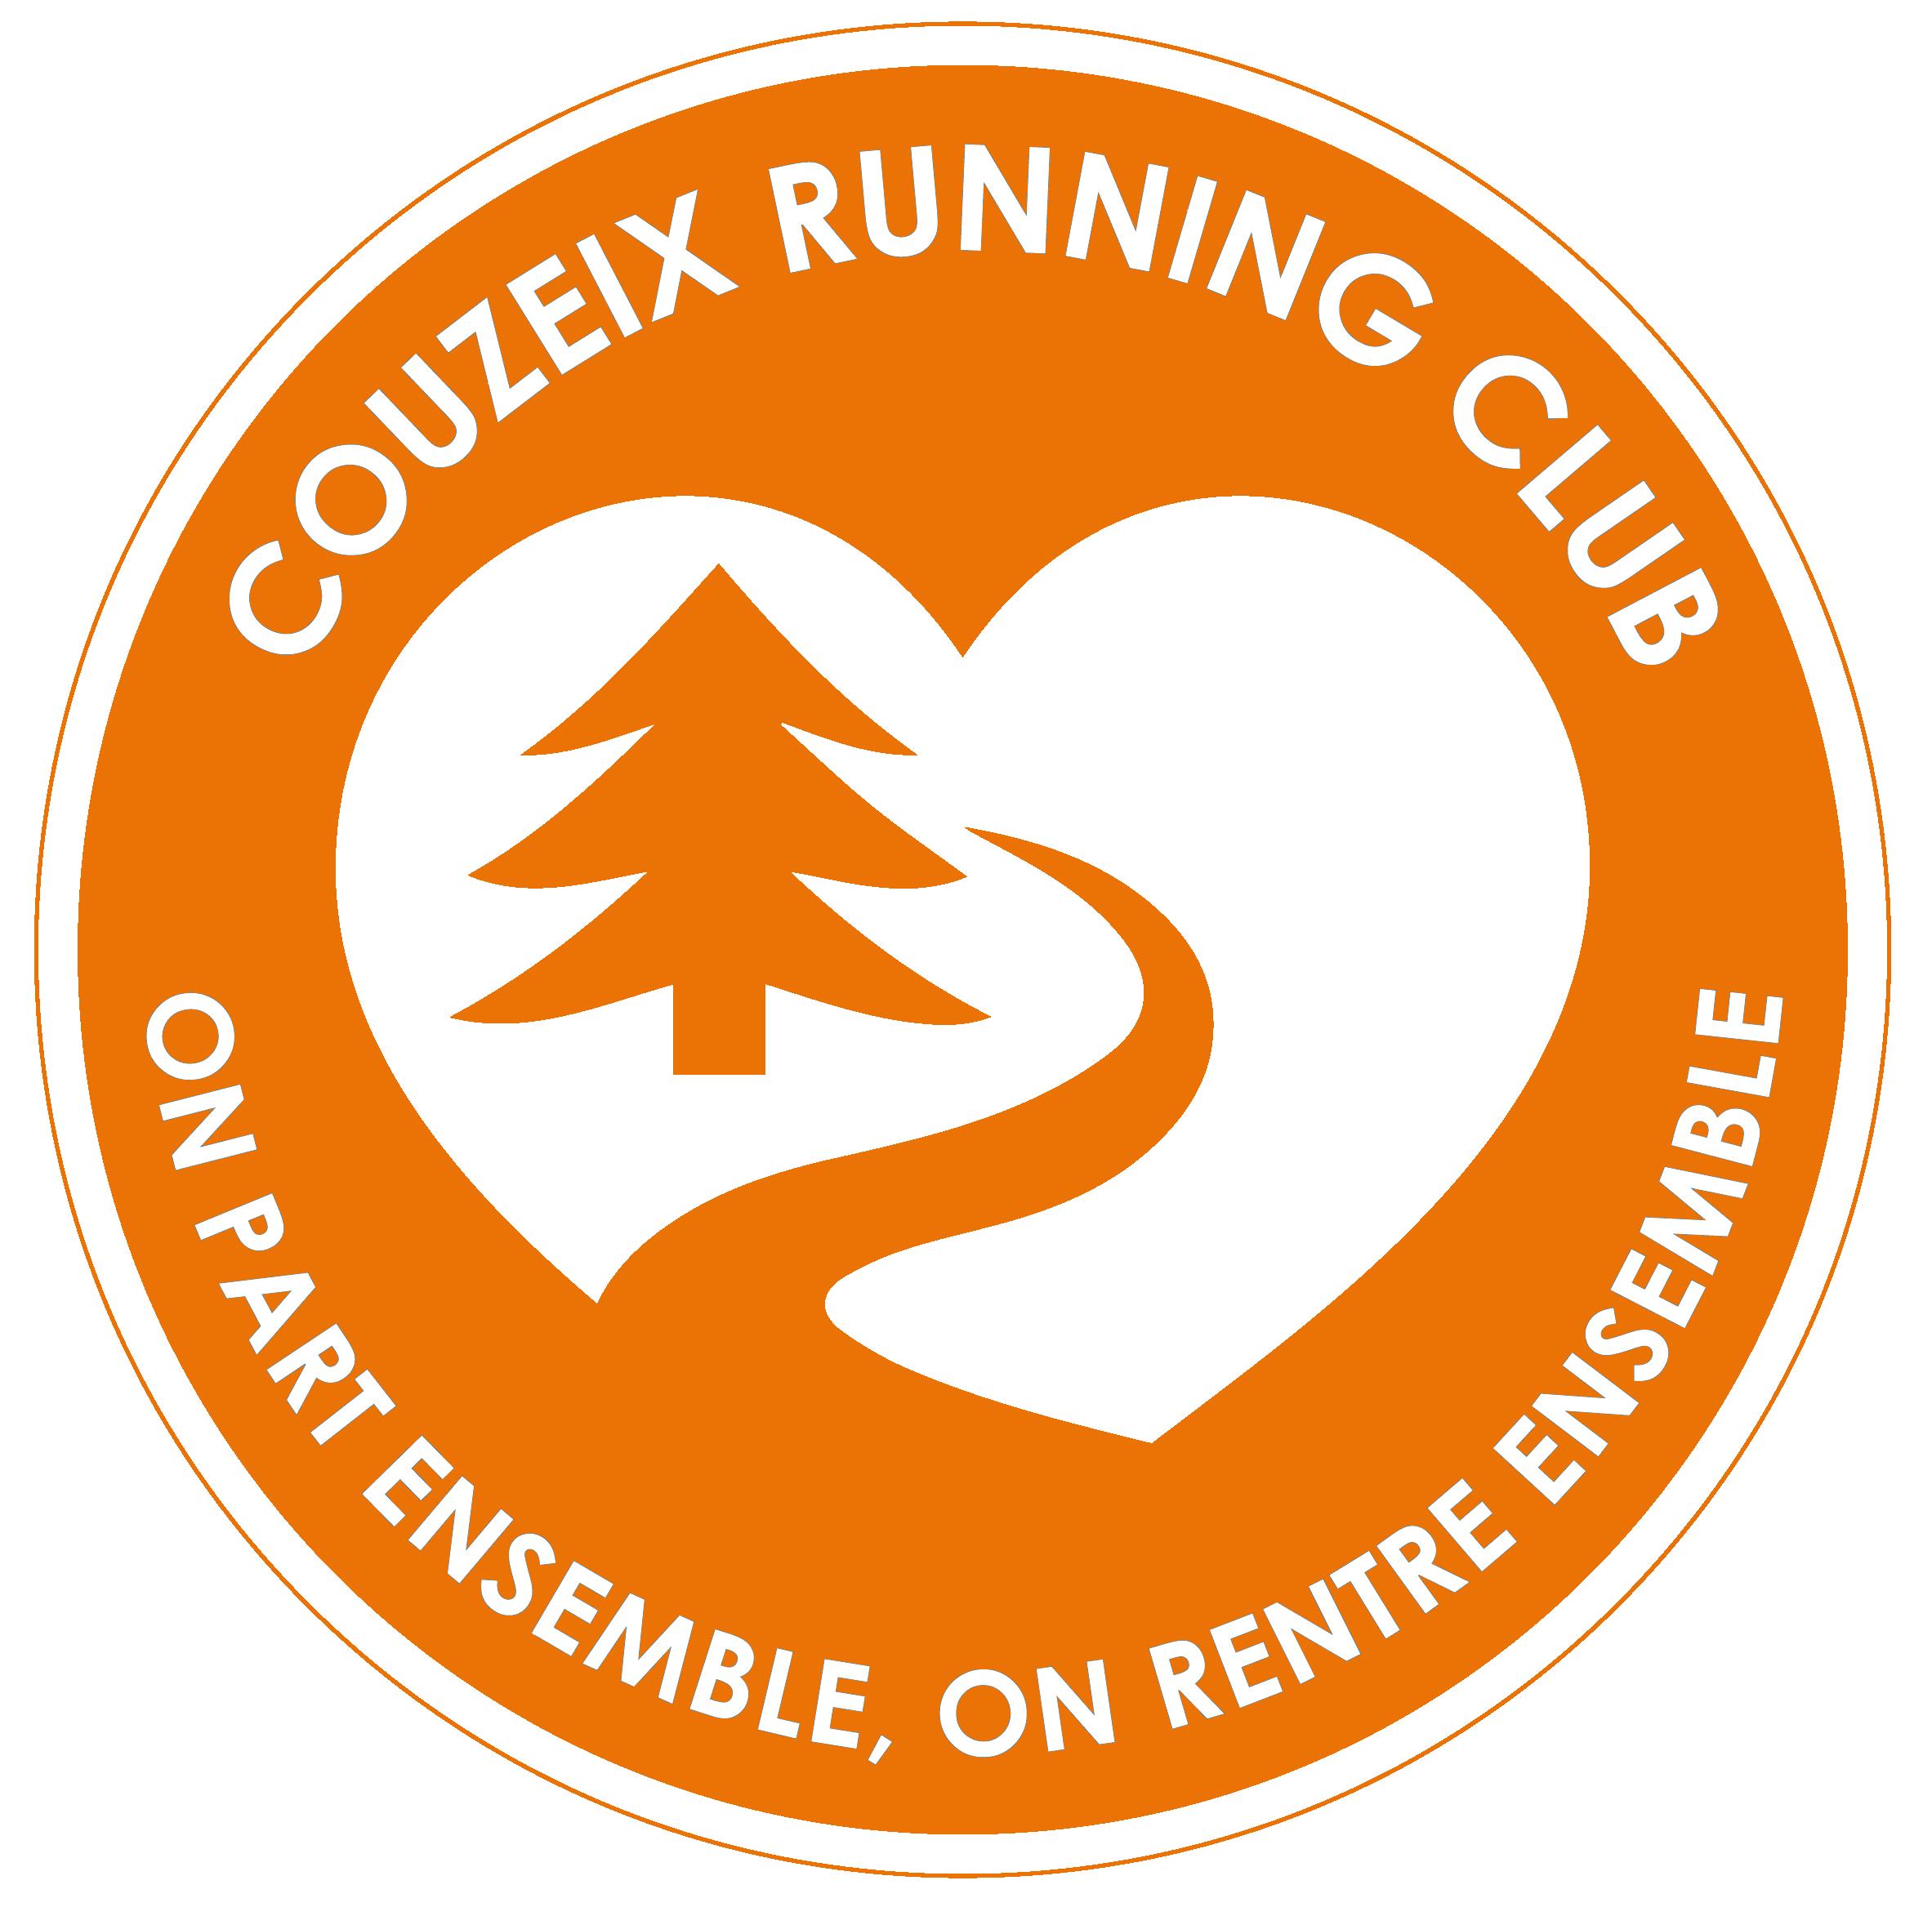 Couzeix Running Club